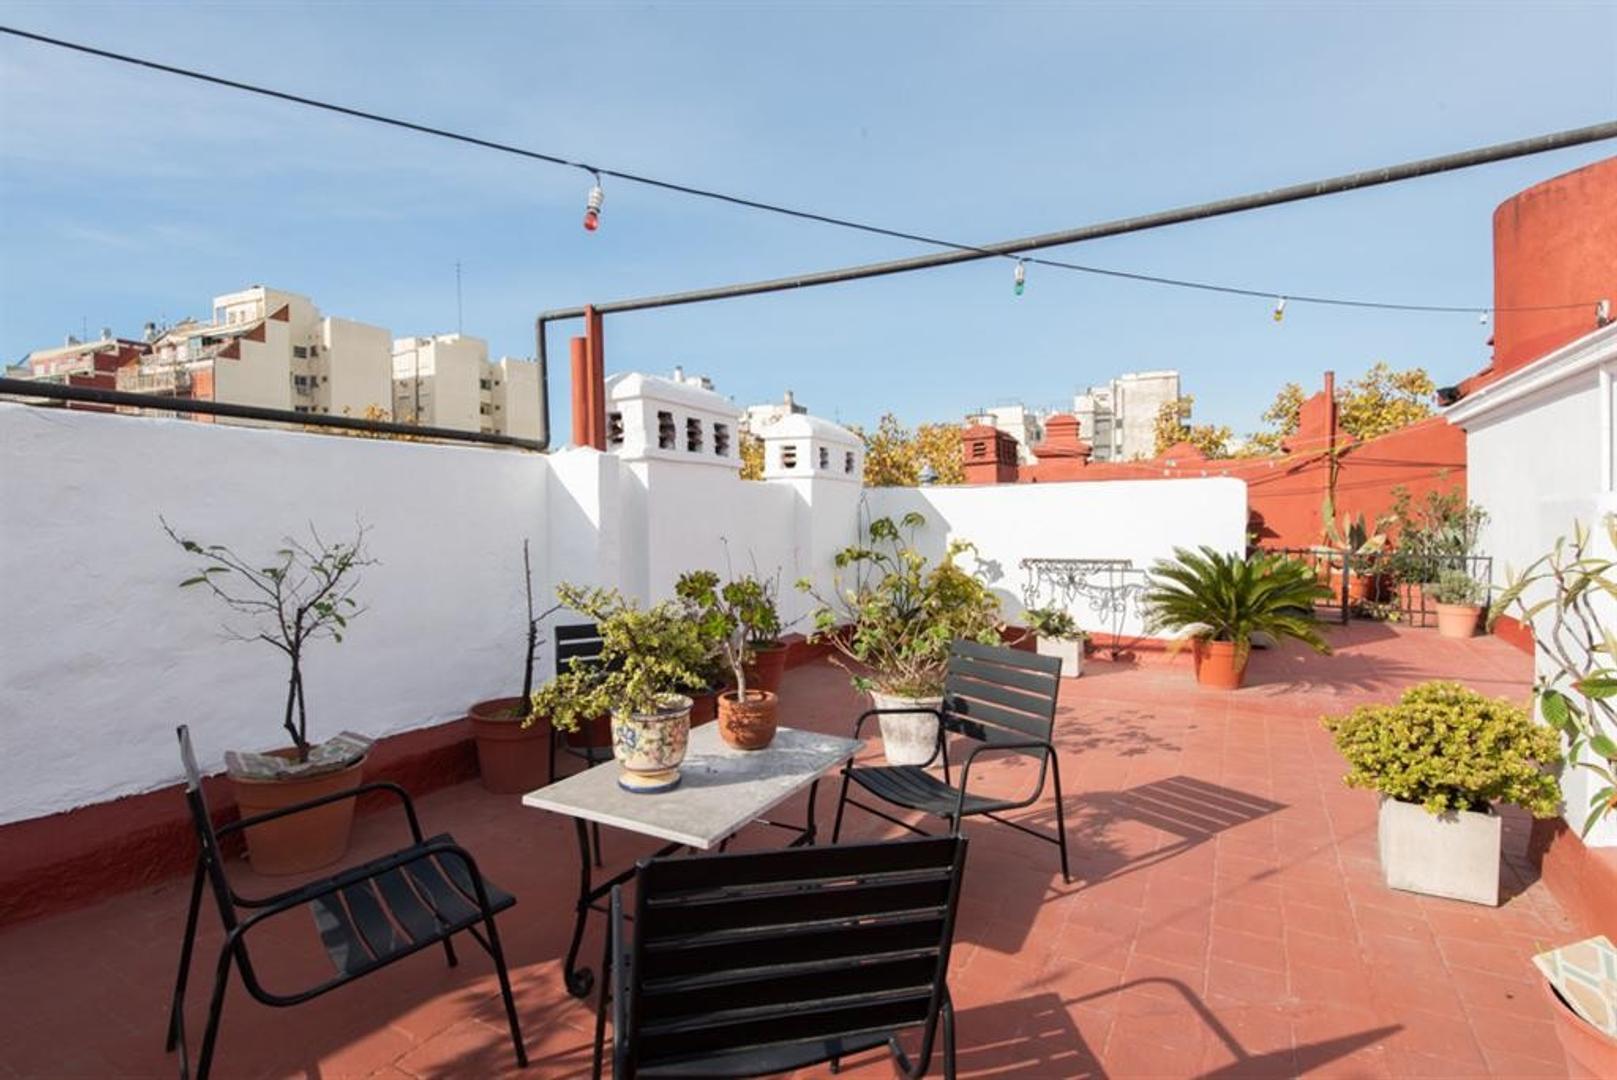 Departamento con terraza, muy bien reciclado.  - Foto 37